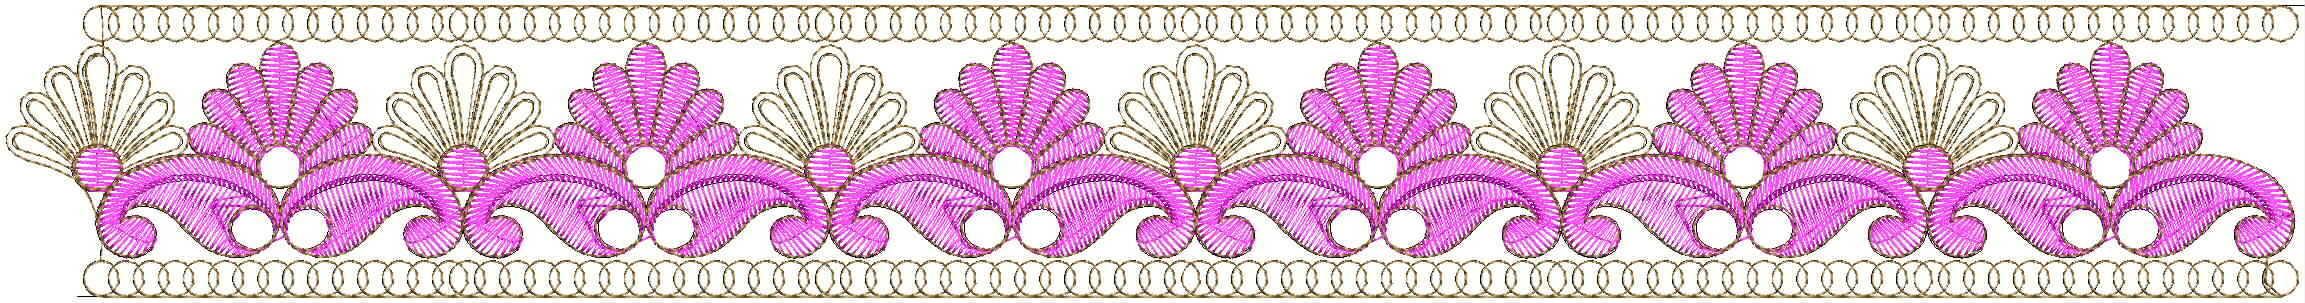 Unique Mango concept Lace / Border Embroidery Design